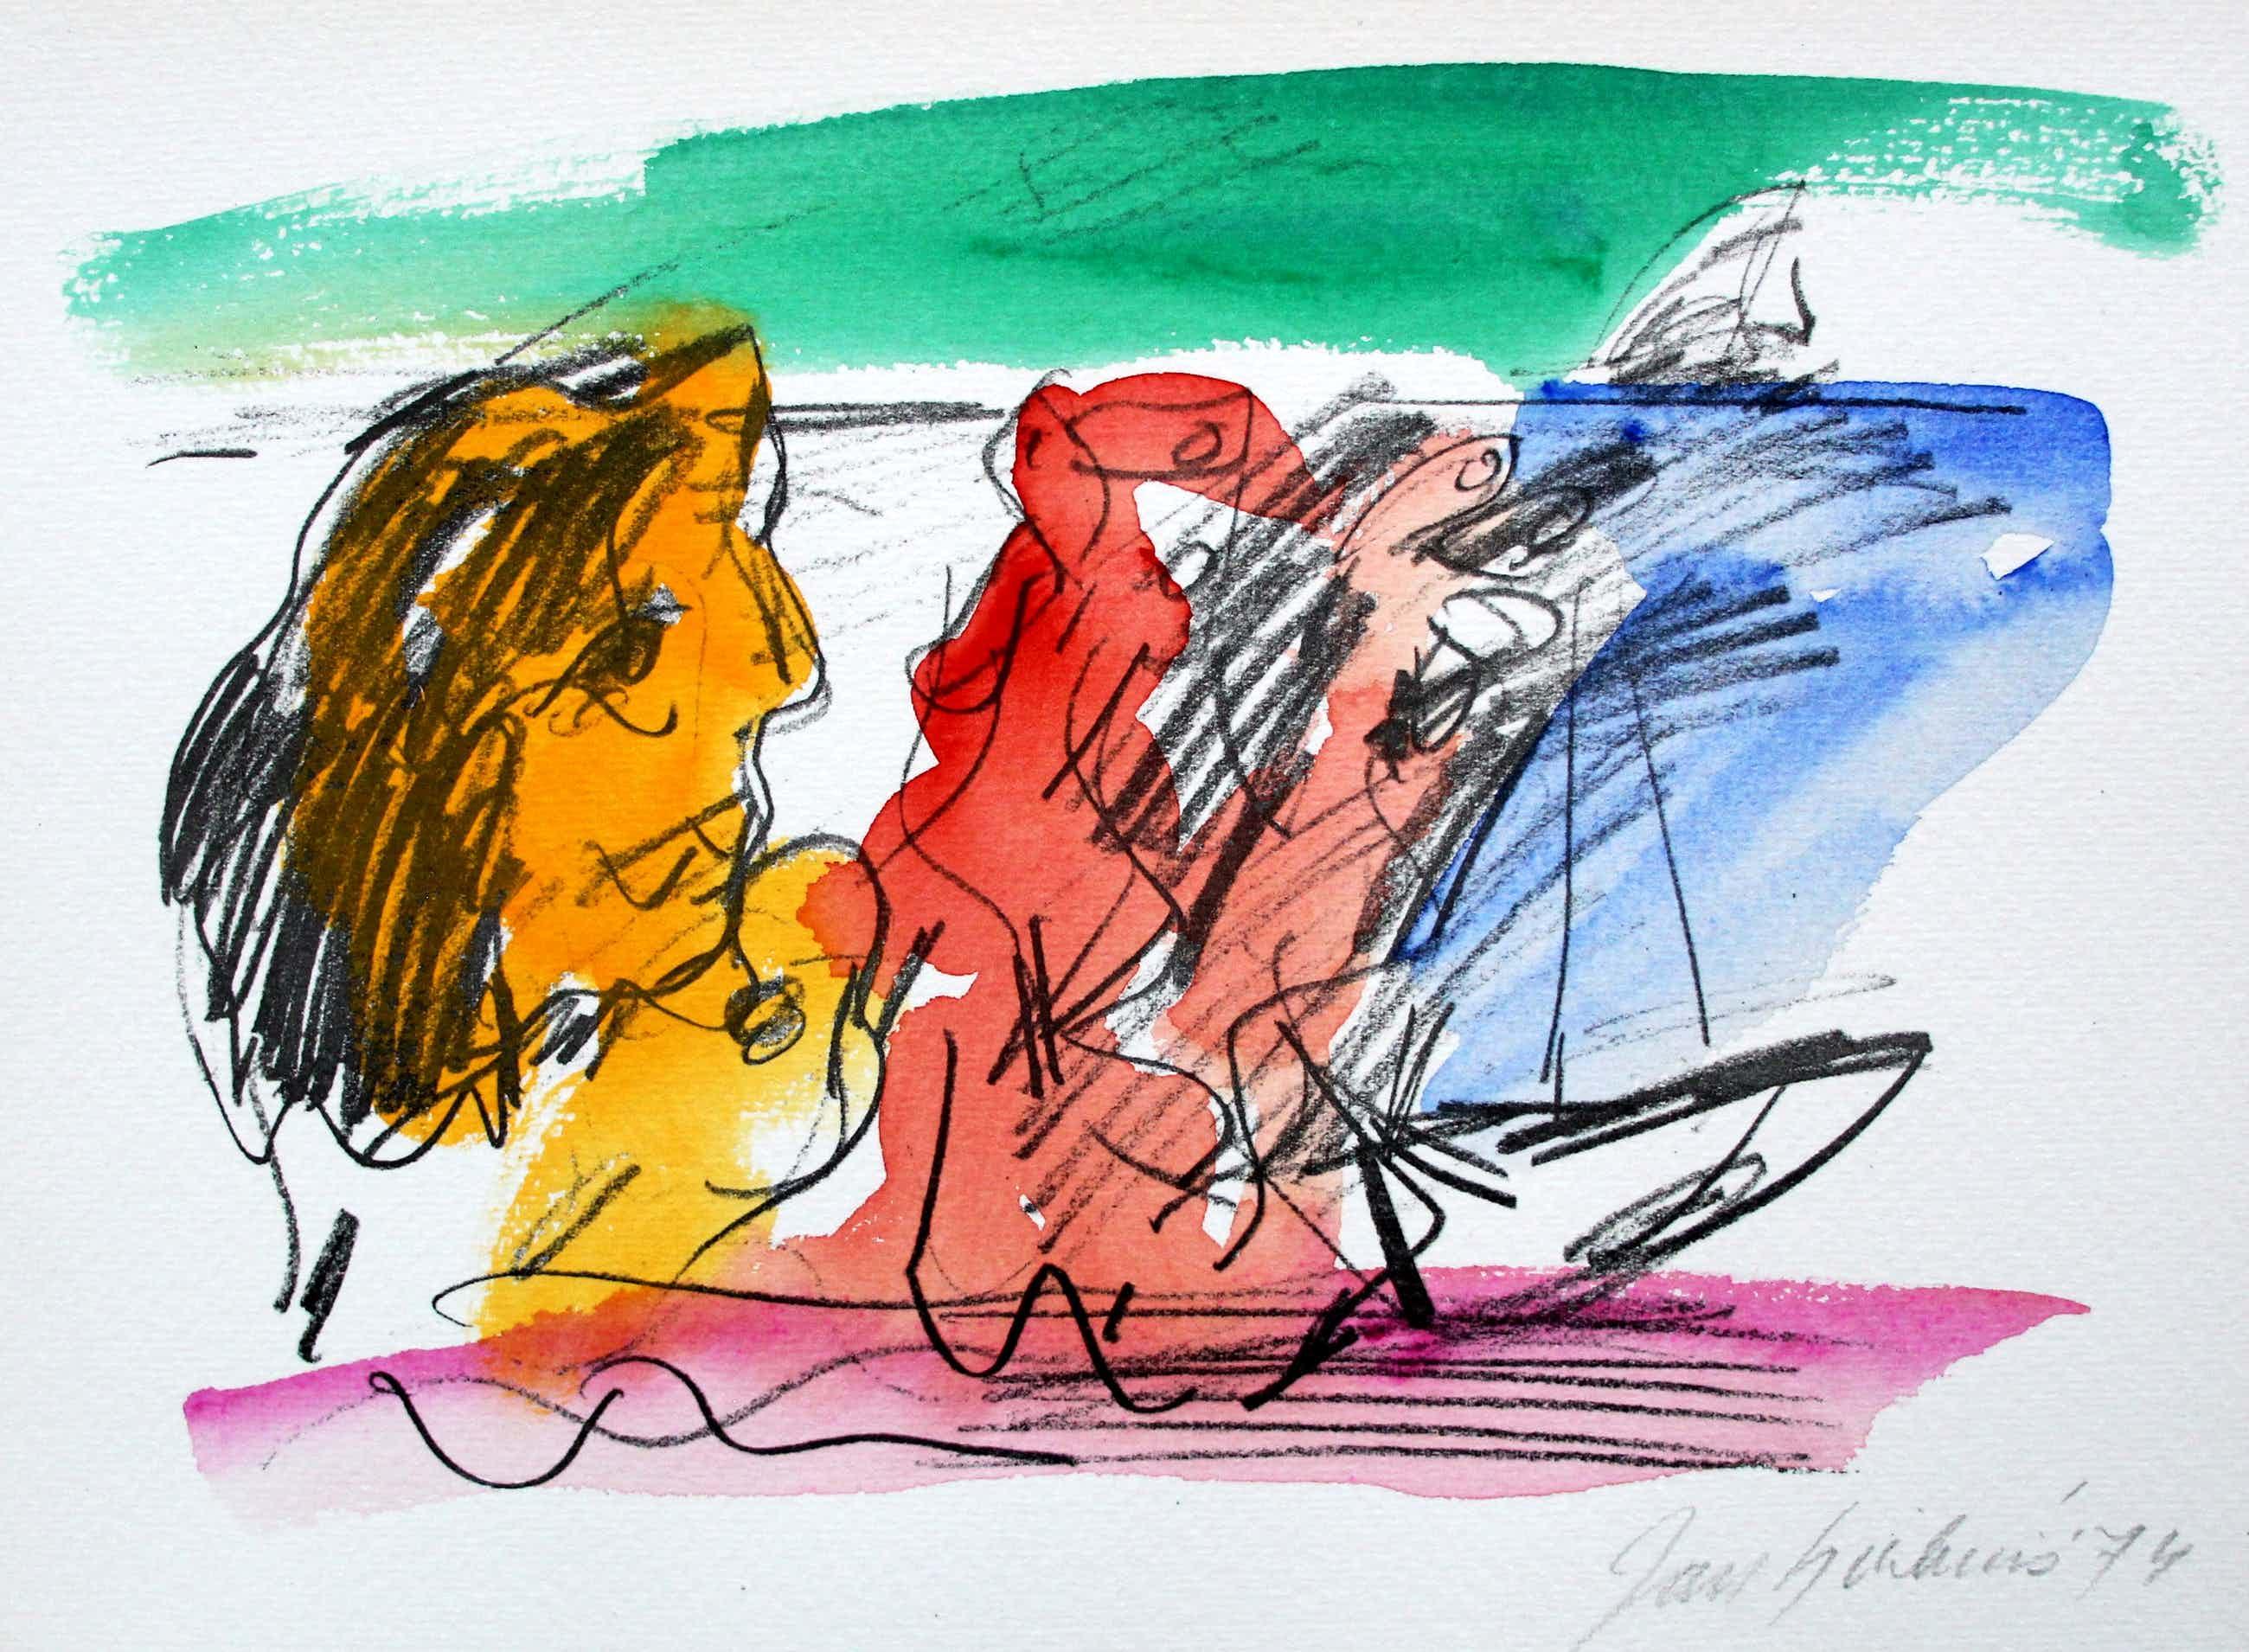 Jan Sierhuis - Met de hand ingekleurde litho (aquarel) - 1974 kopen? Bied vanaf 60!